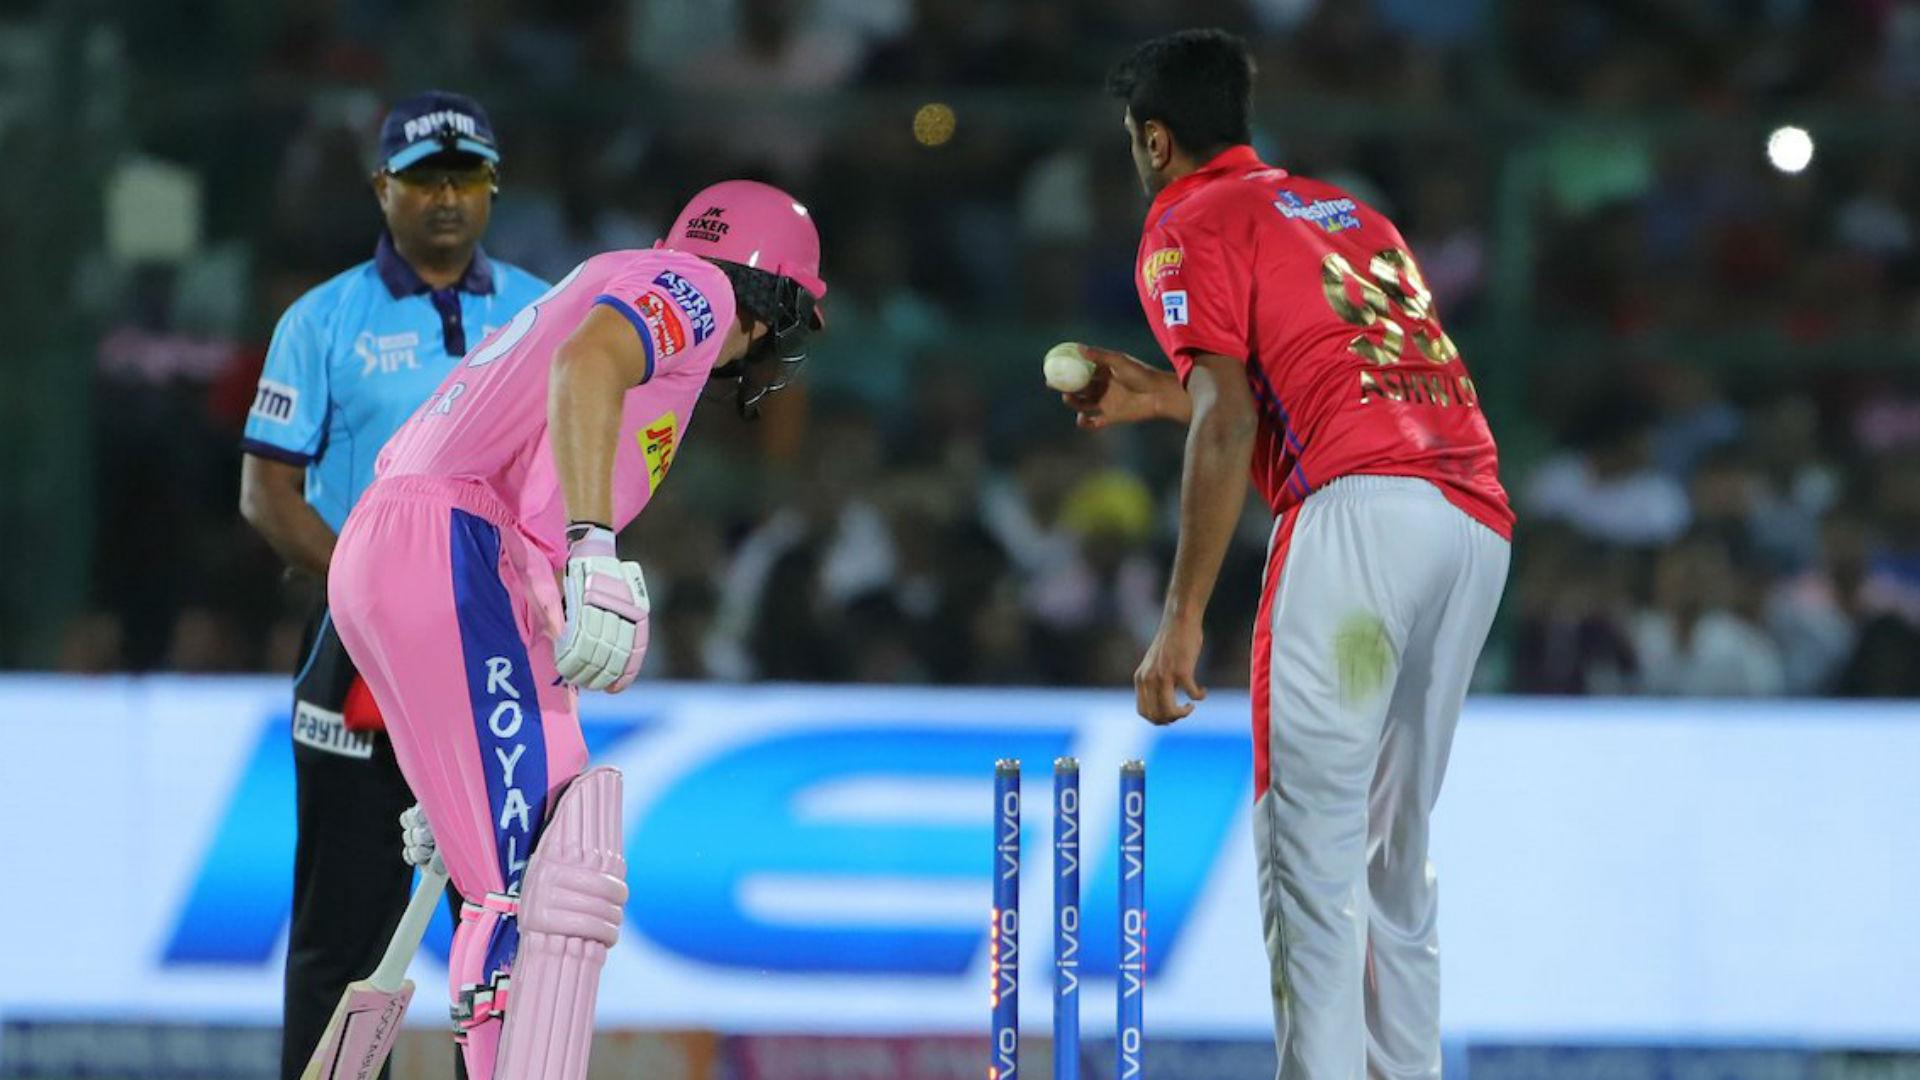 Ashwin 'Mankads' fuming Buttler to set up Kings XI win